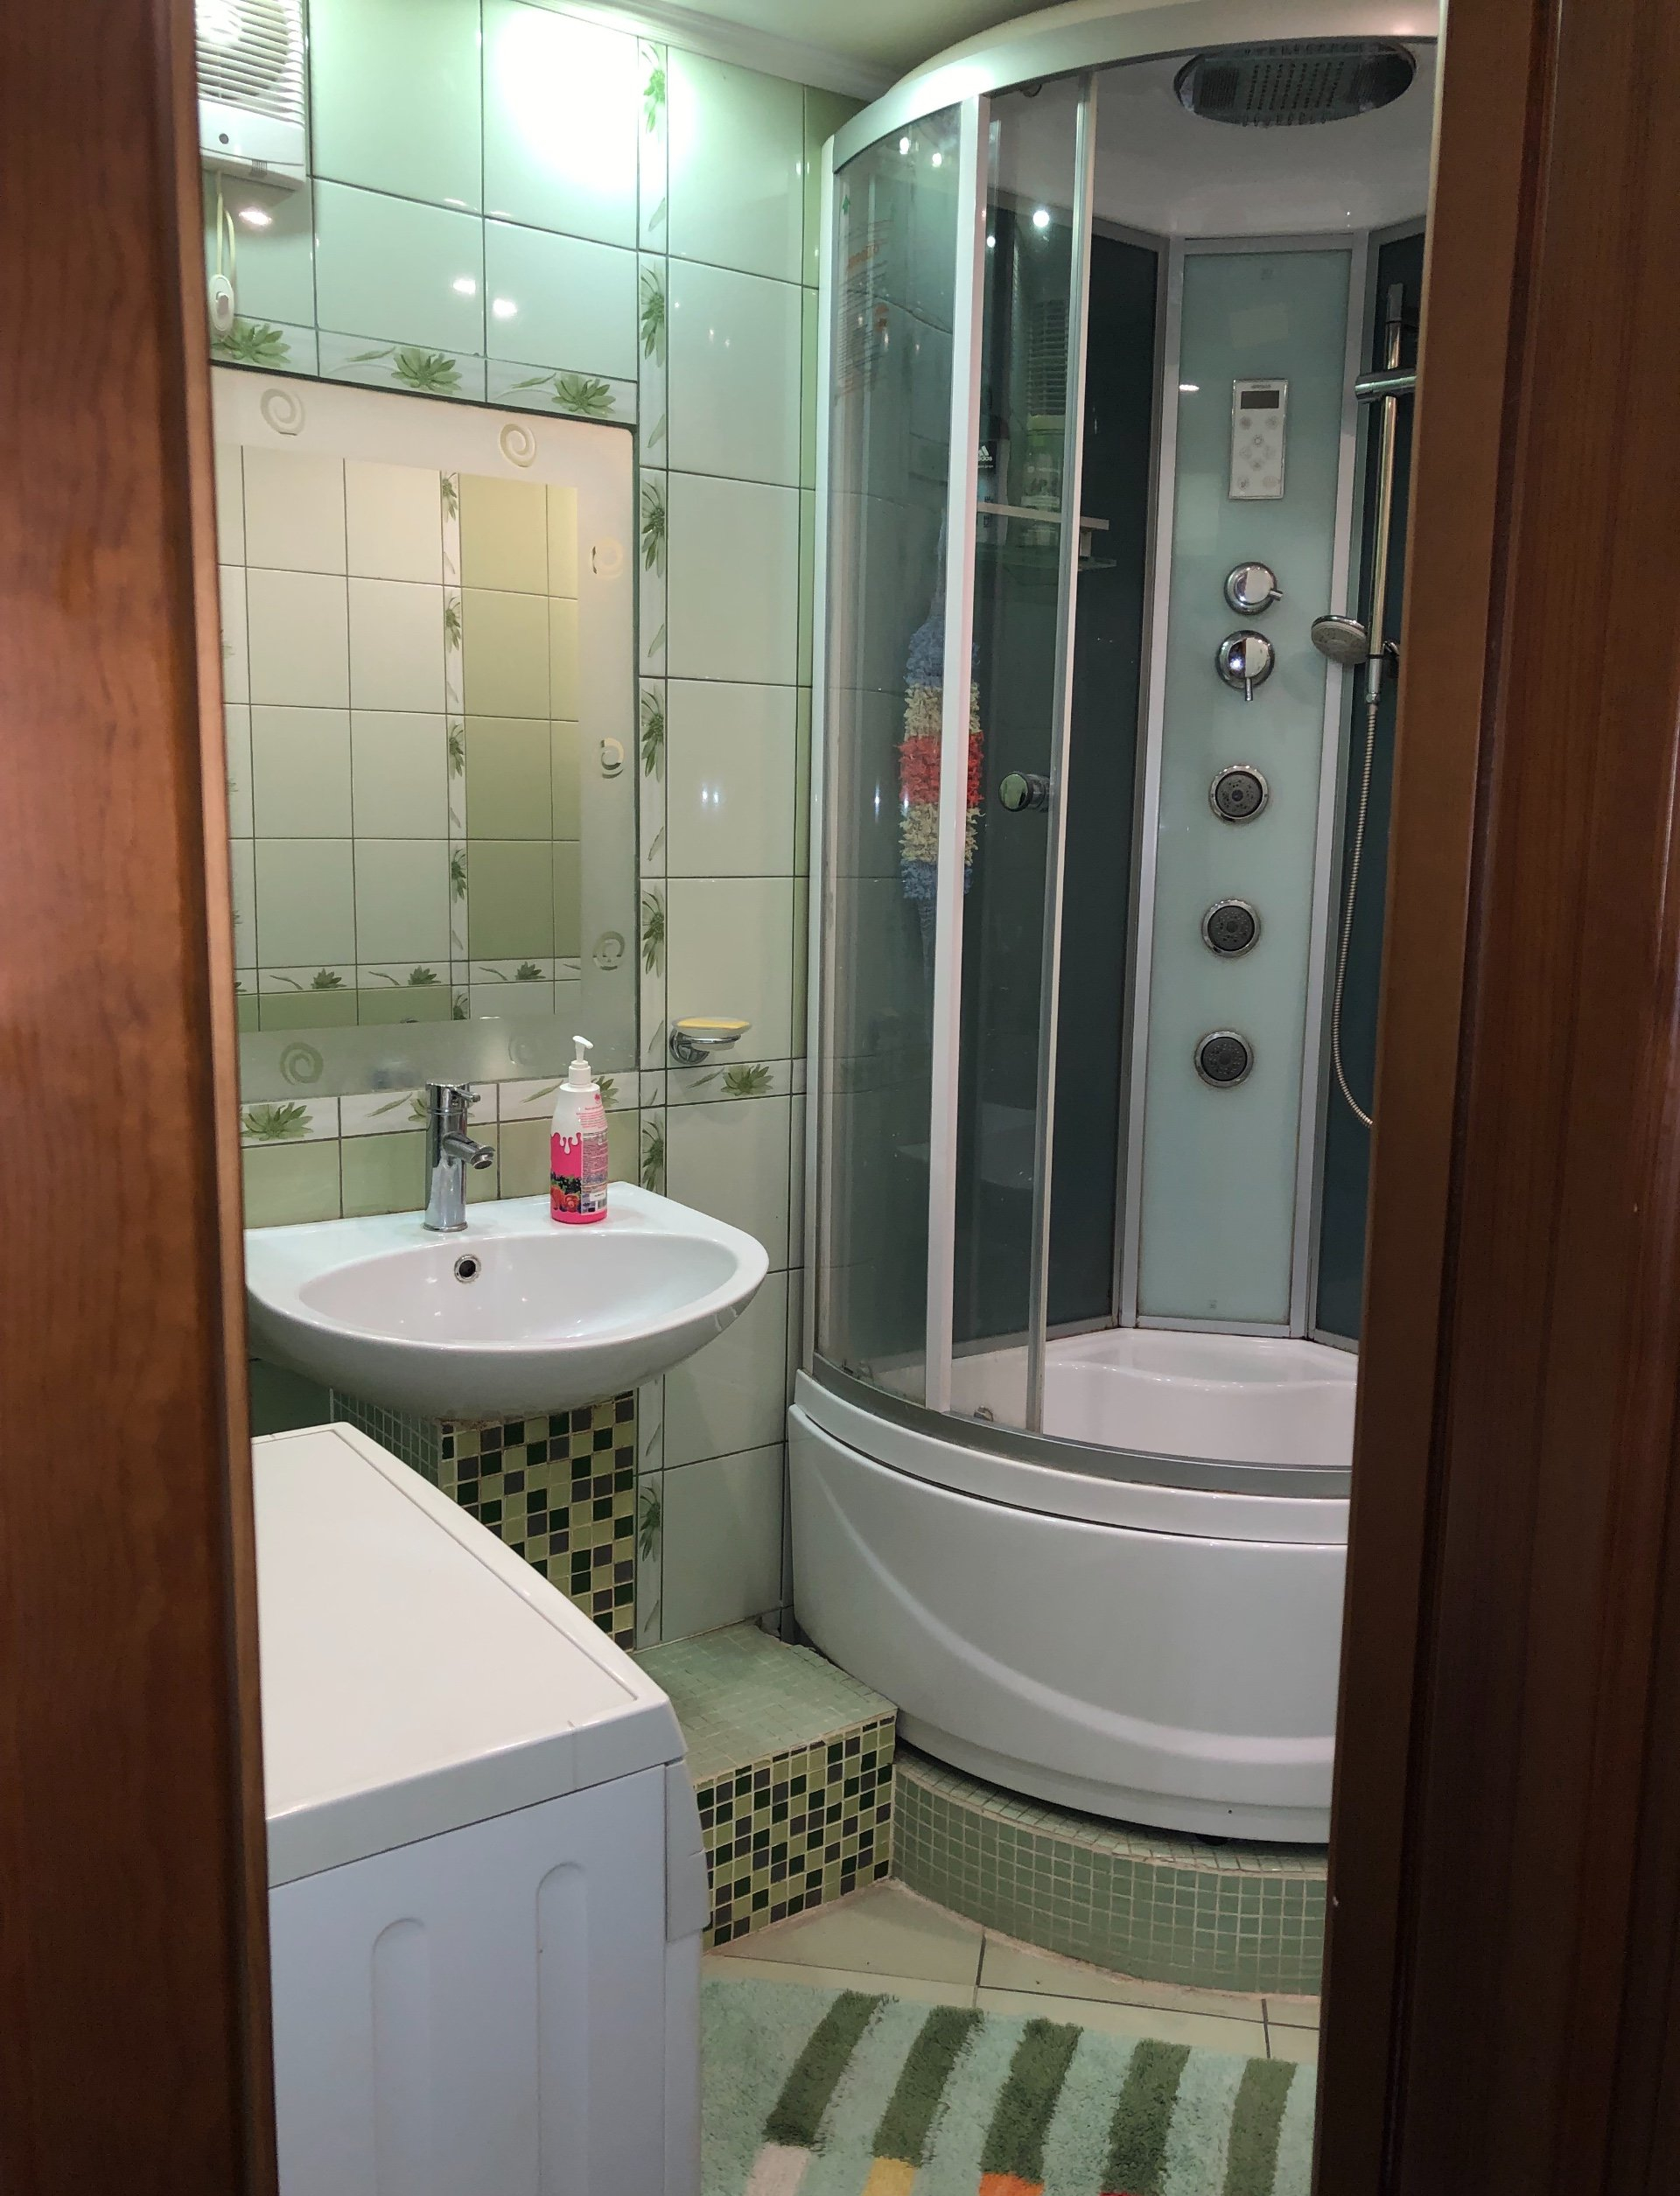 3к квартира ул Александра Матросова, д 7А | 25000 | аренда в Красноярске фото 4